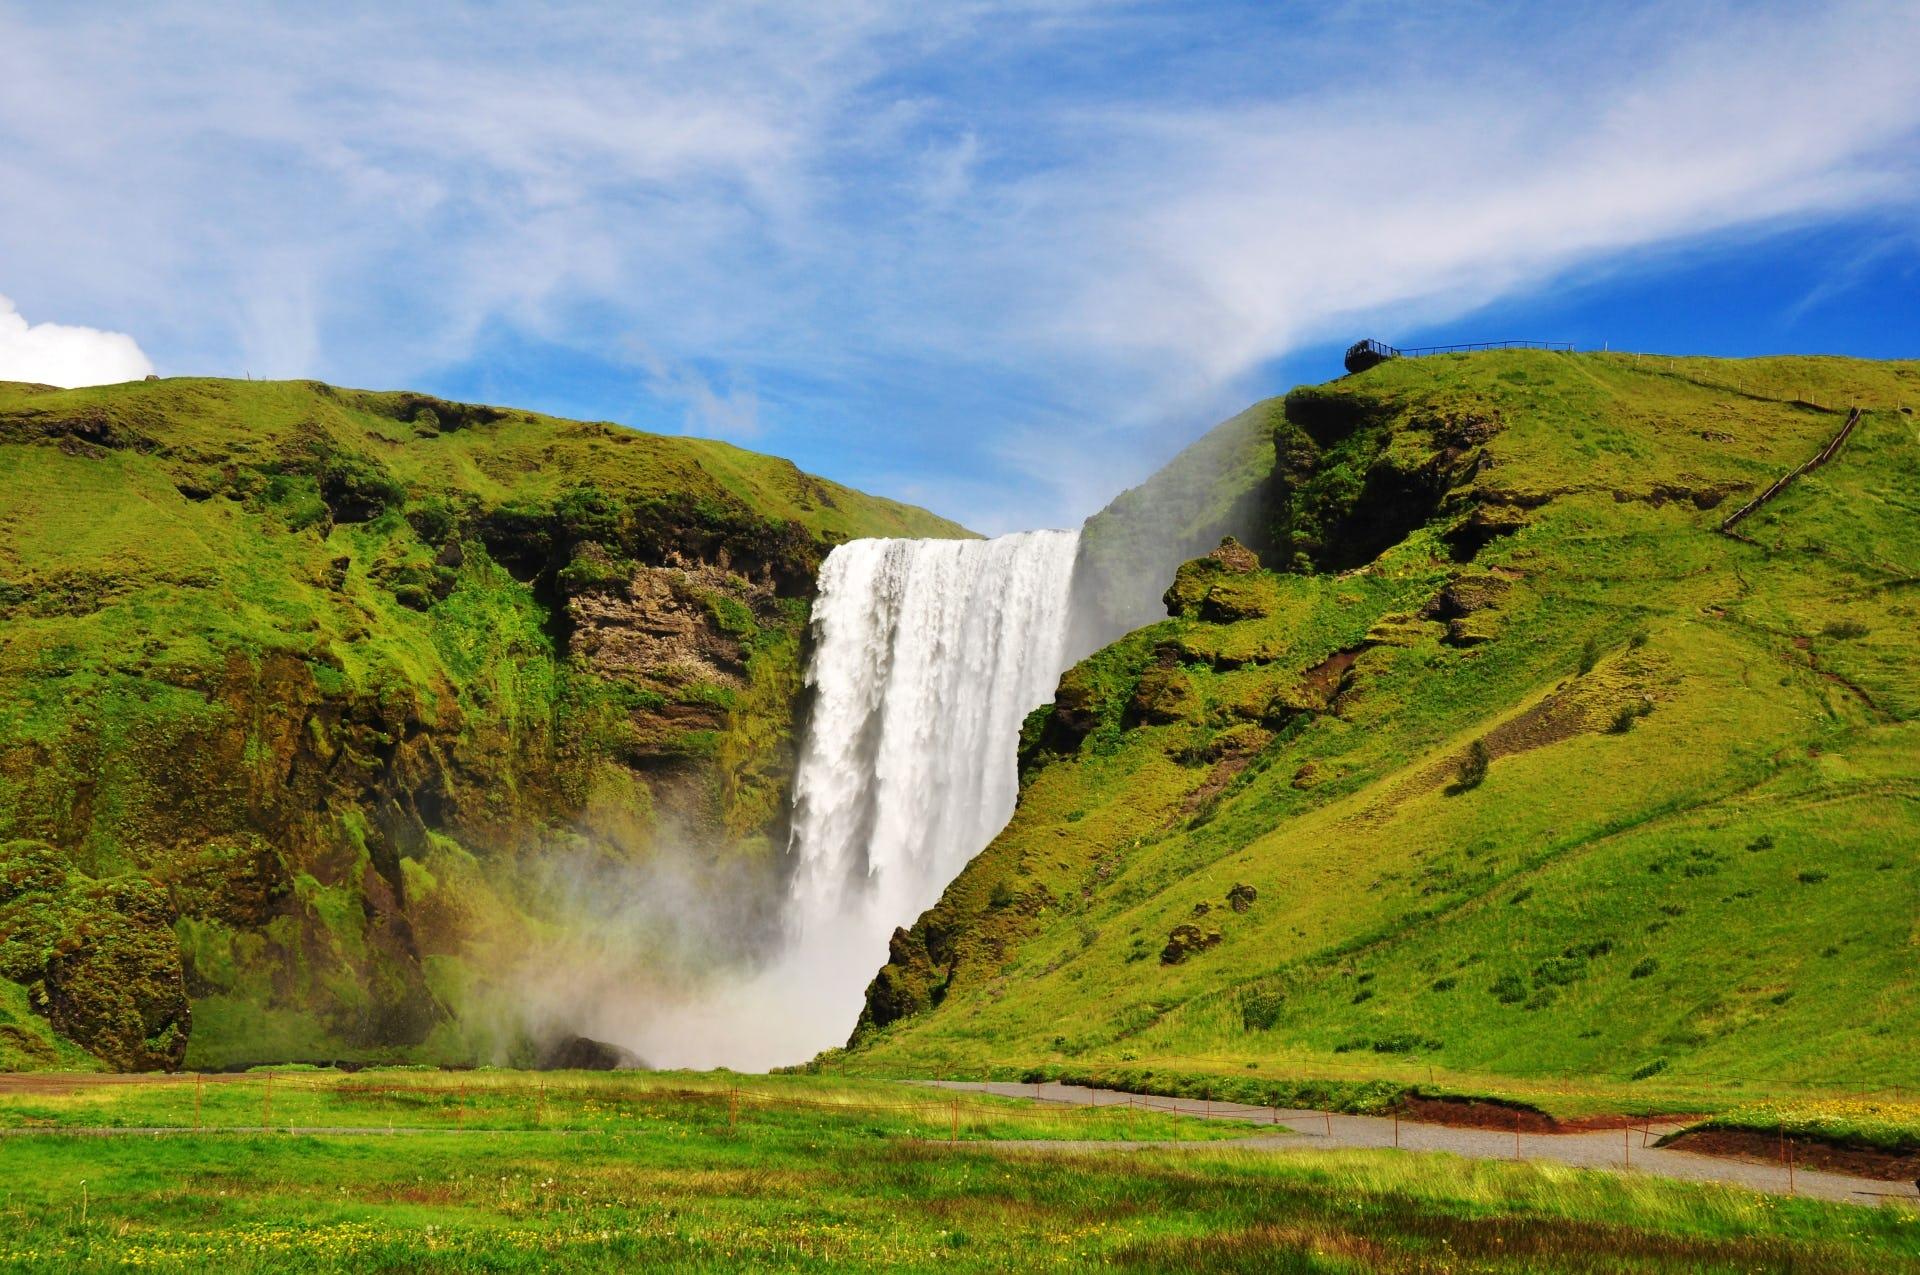 Cascade de Skógafoss sur la côte sud de l'Islande, une destination prisée des visiteurs en Islande.